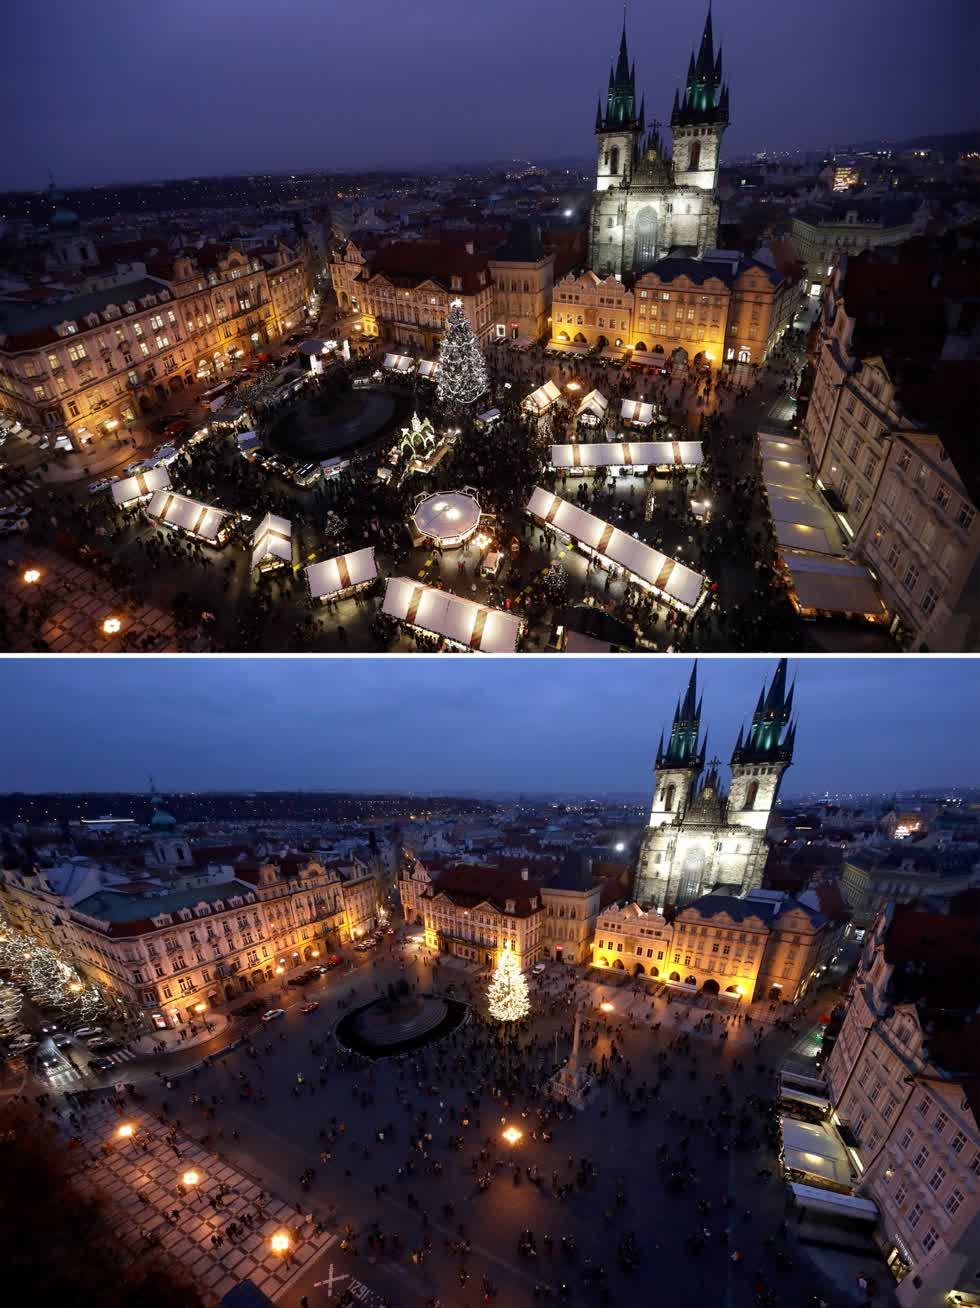 Bức ảnh từ ngày 5/12/2019, về khu chợ ở Prague, Cộng hòa Séc và quảng trường vào ngày 28/11/2020. Ảnh: AP